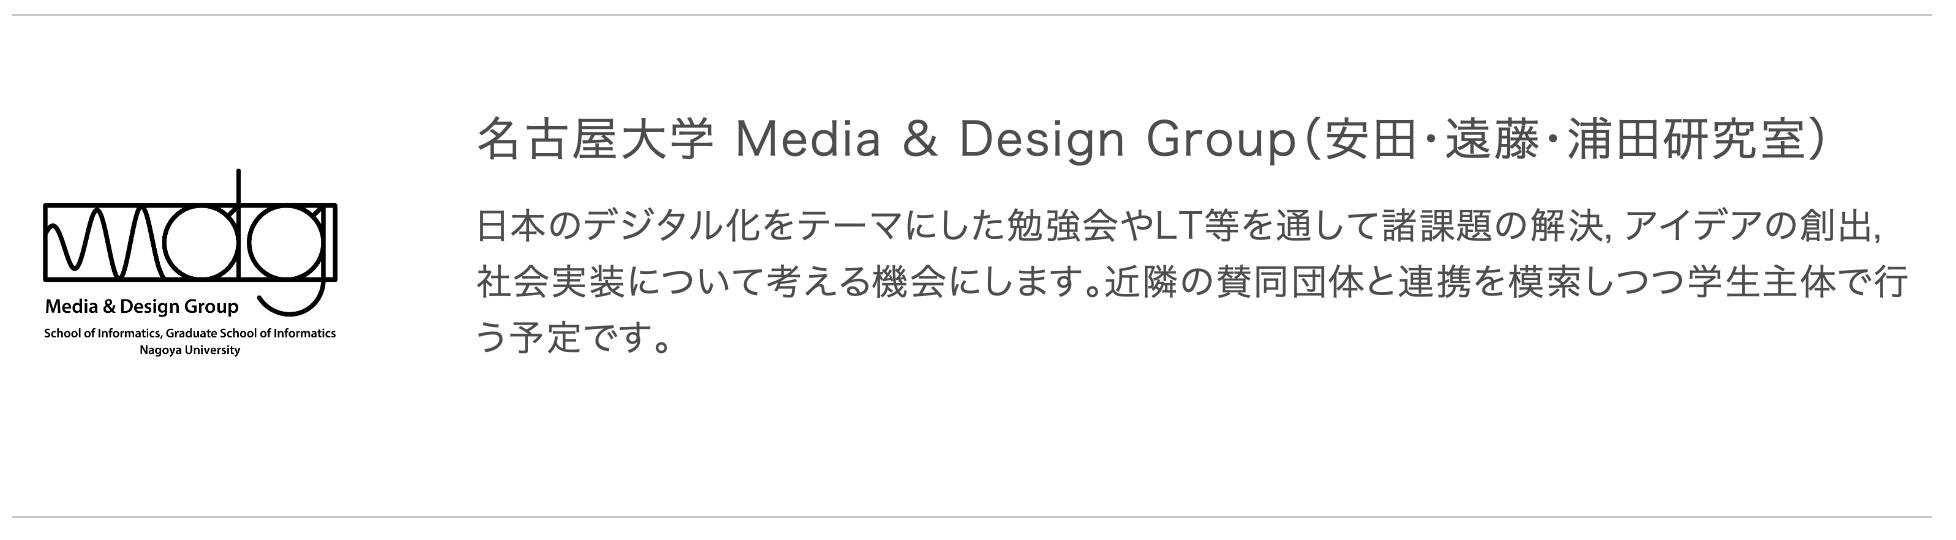 「デジタルの日」に参加団体登録しました